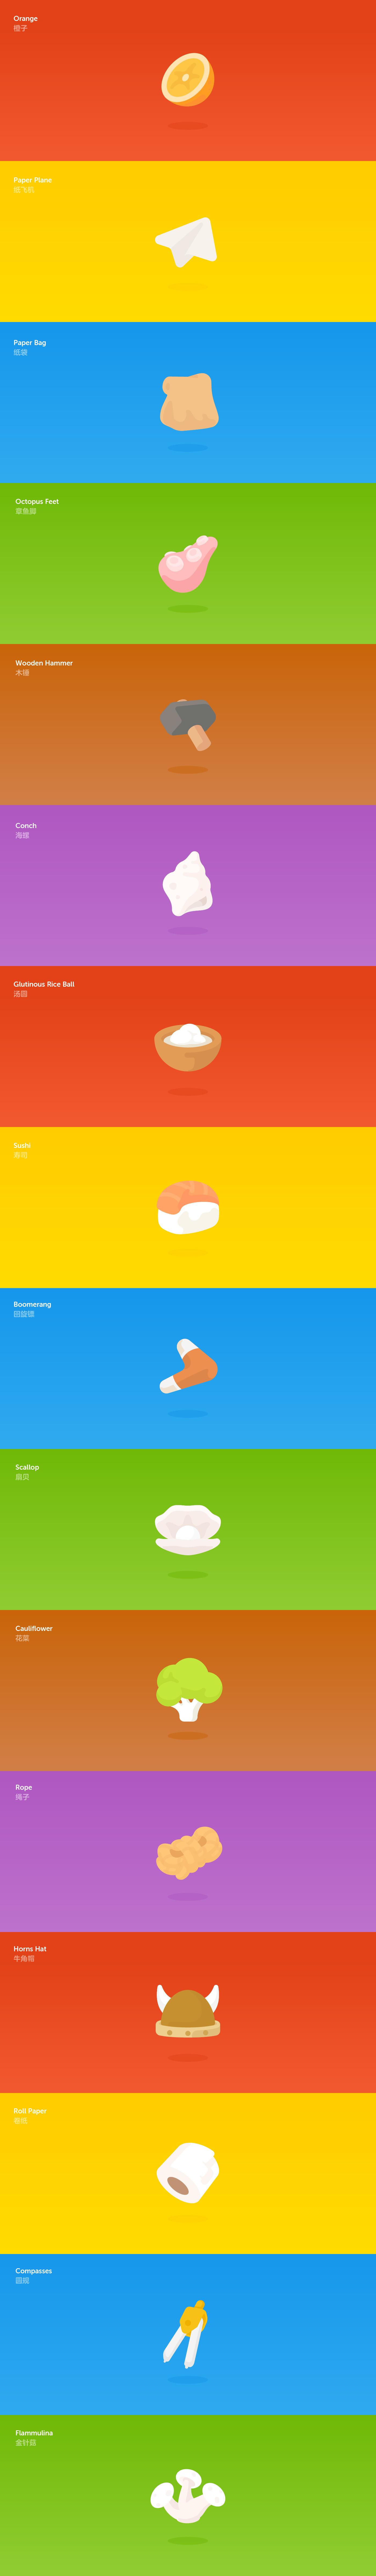 洋葱数学课程封面图标设计图片